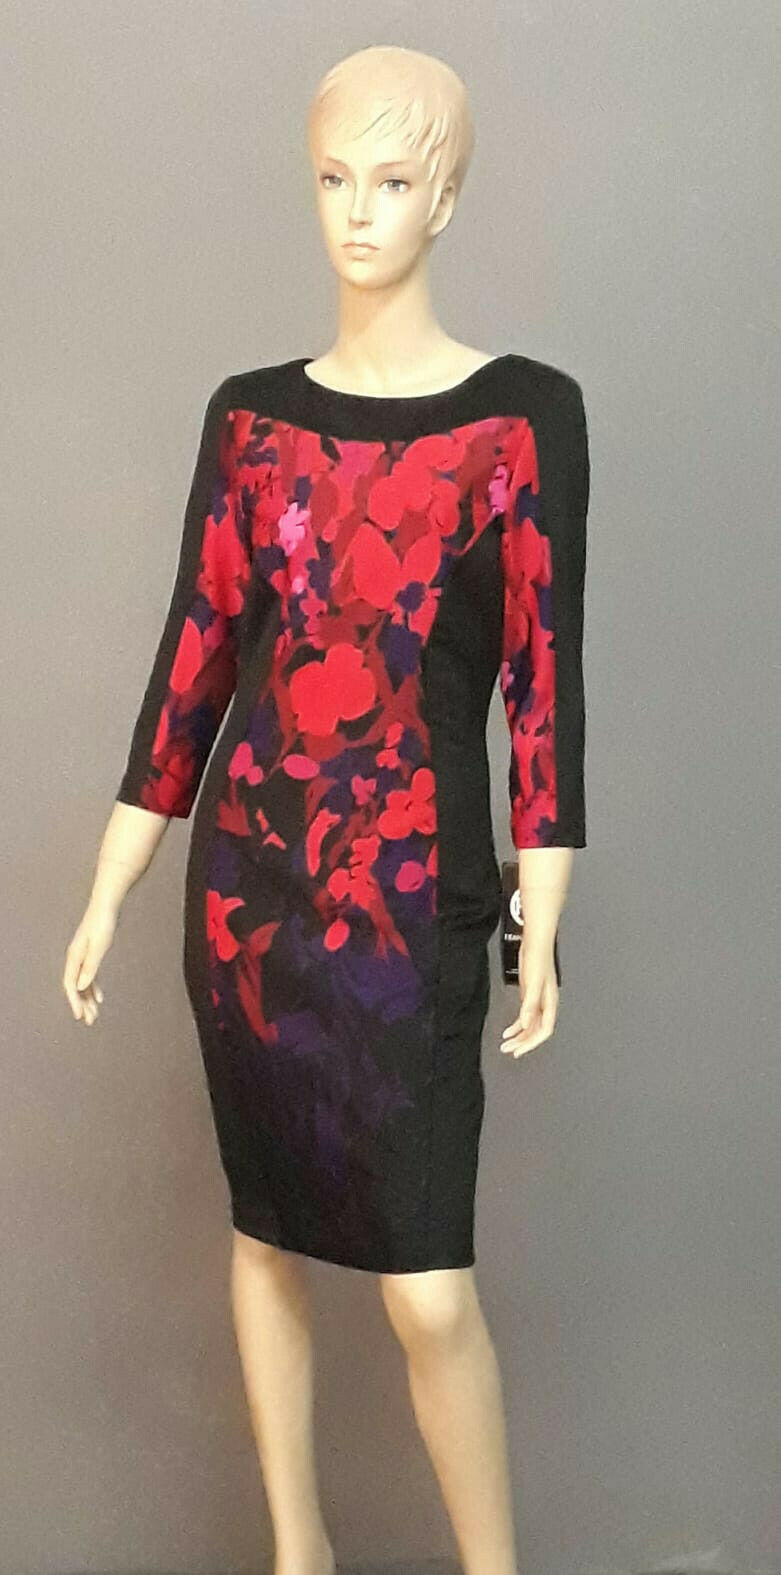 Damen Kleid Gr. 34  Frank Lyman Schwarz mit Blüten Muster in intensivem Rot